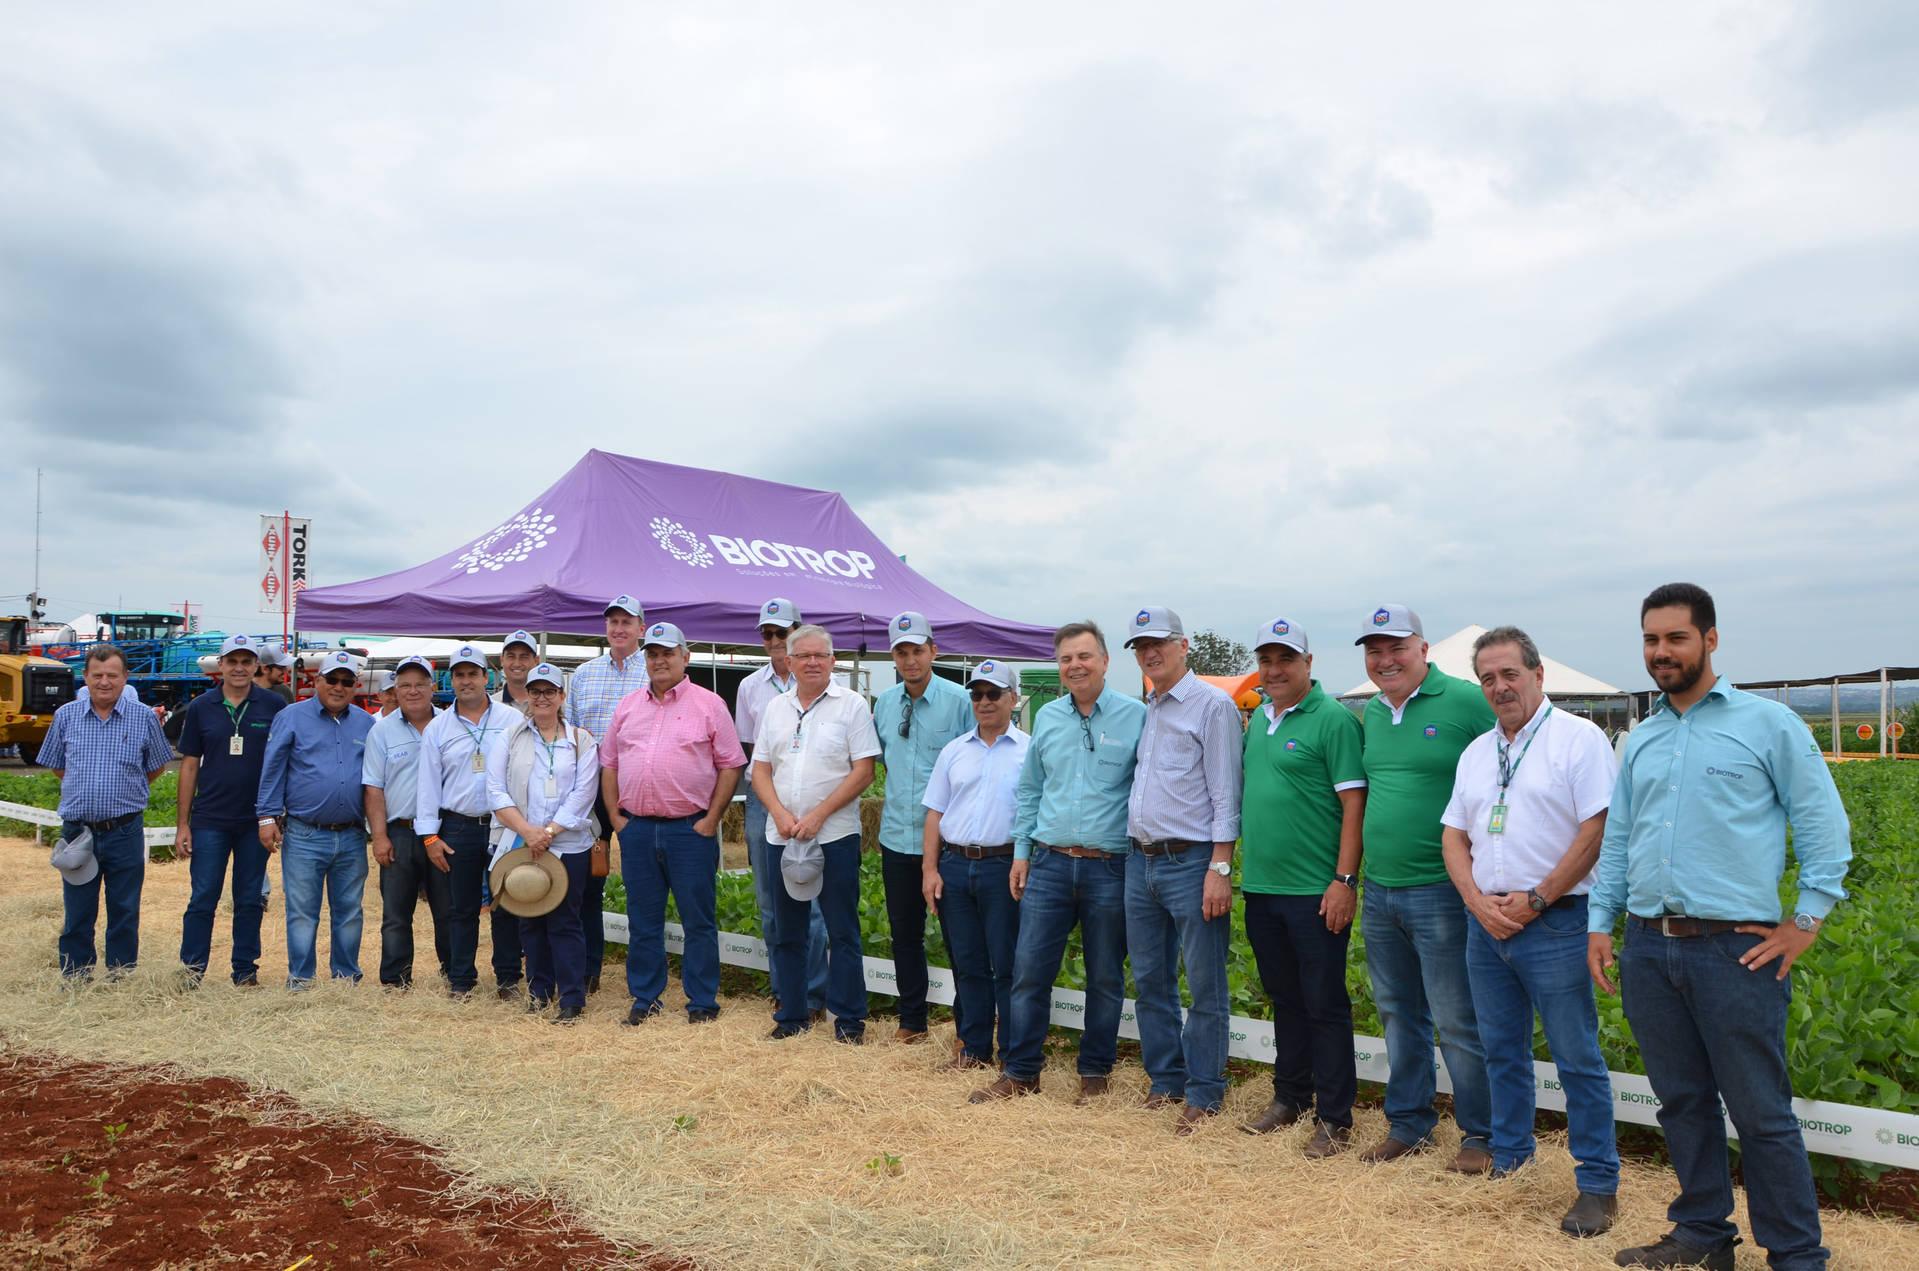 Nesta quarta-feira (22), dois eventos, a Safratec, em Floresta, e o Superagro, em Londrina, foram acompanhados por integrantes do Governo do Estado.